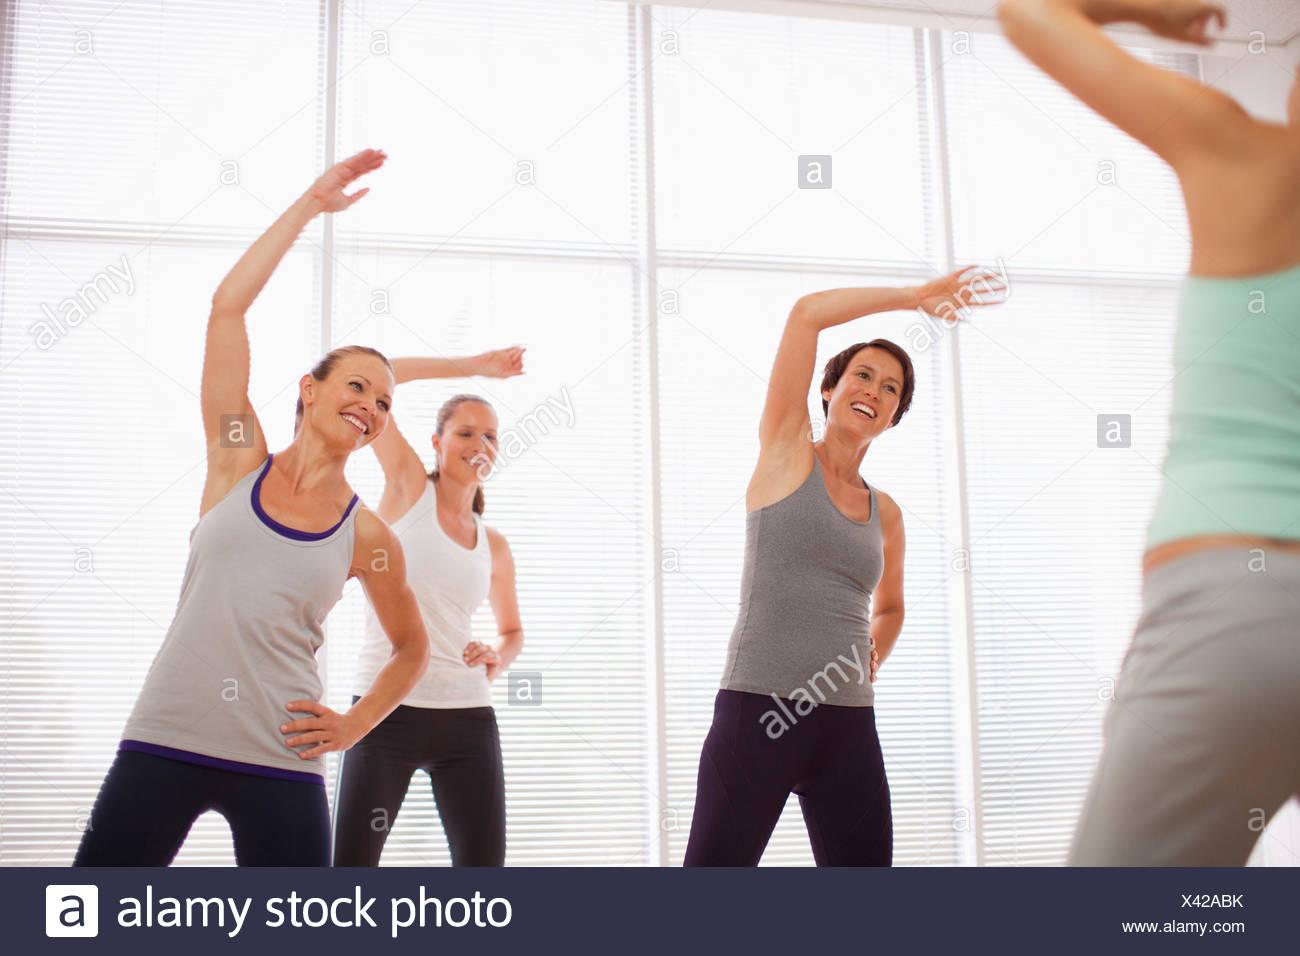 Las mujeres con los brazos levantados en clase de ejercicios Imagen De Stock